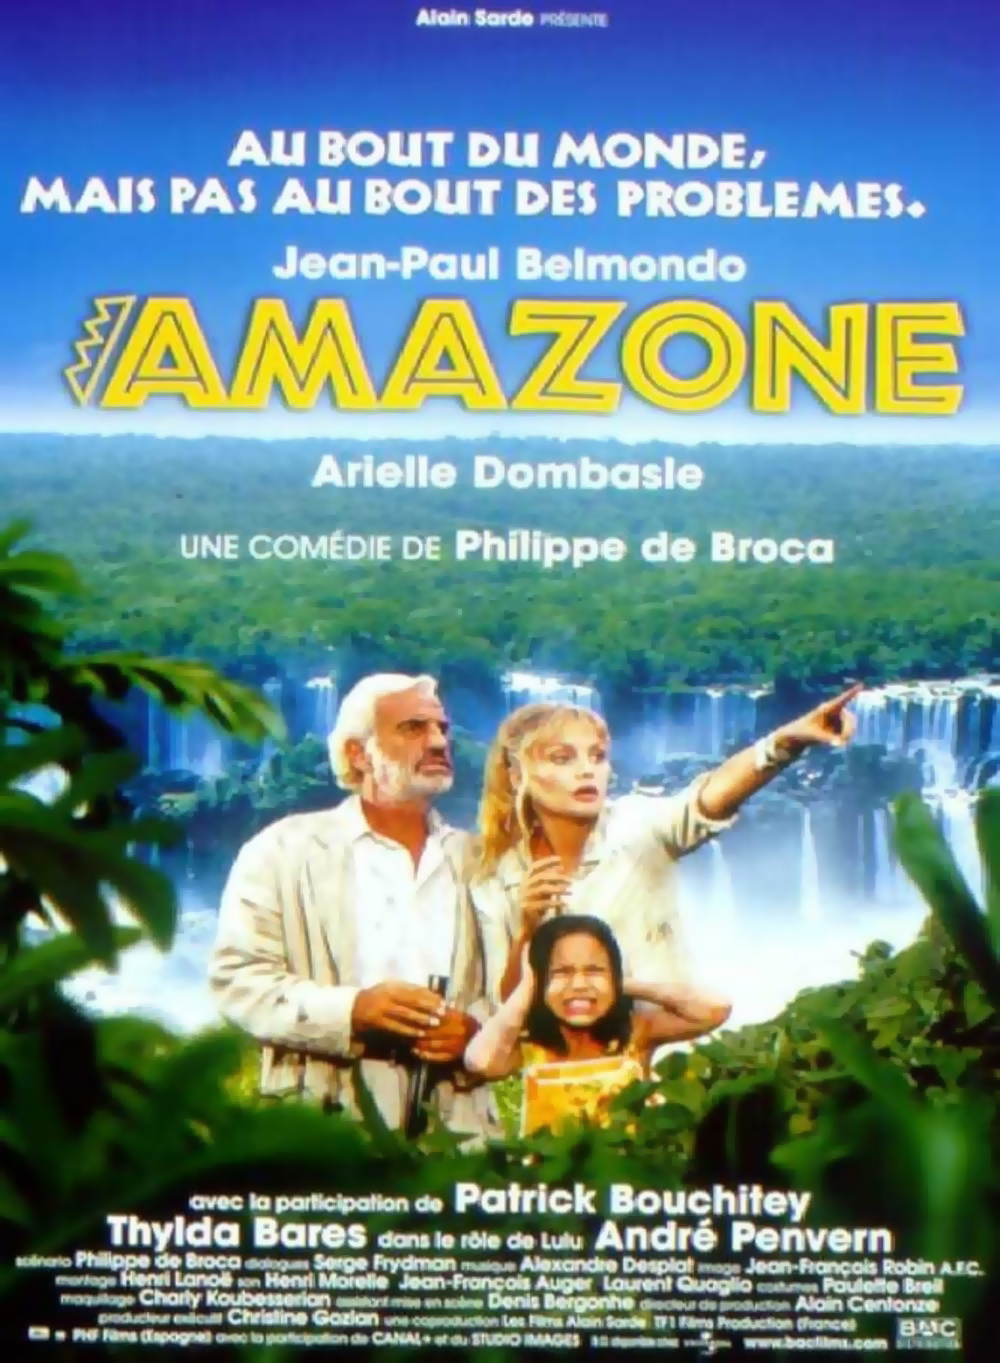 Résultats de recherche d'images pour «jean-paul belmondo Philippe de Broca amazone»